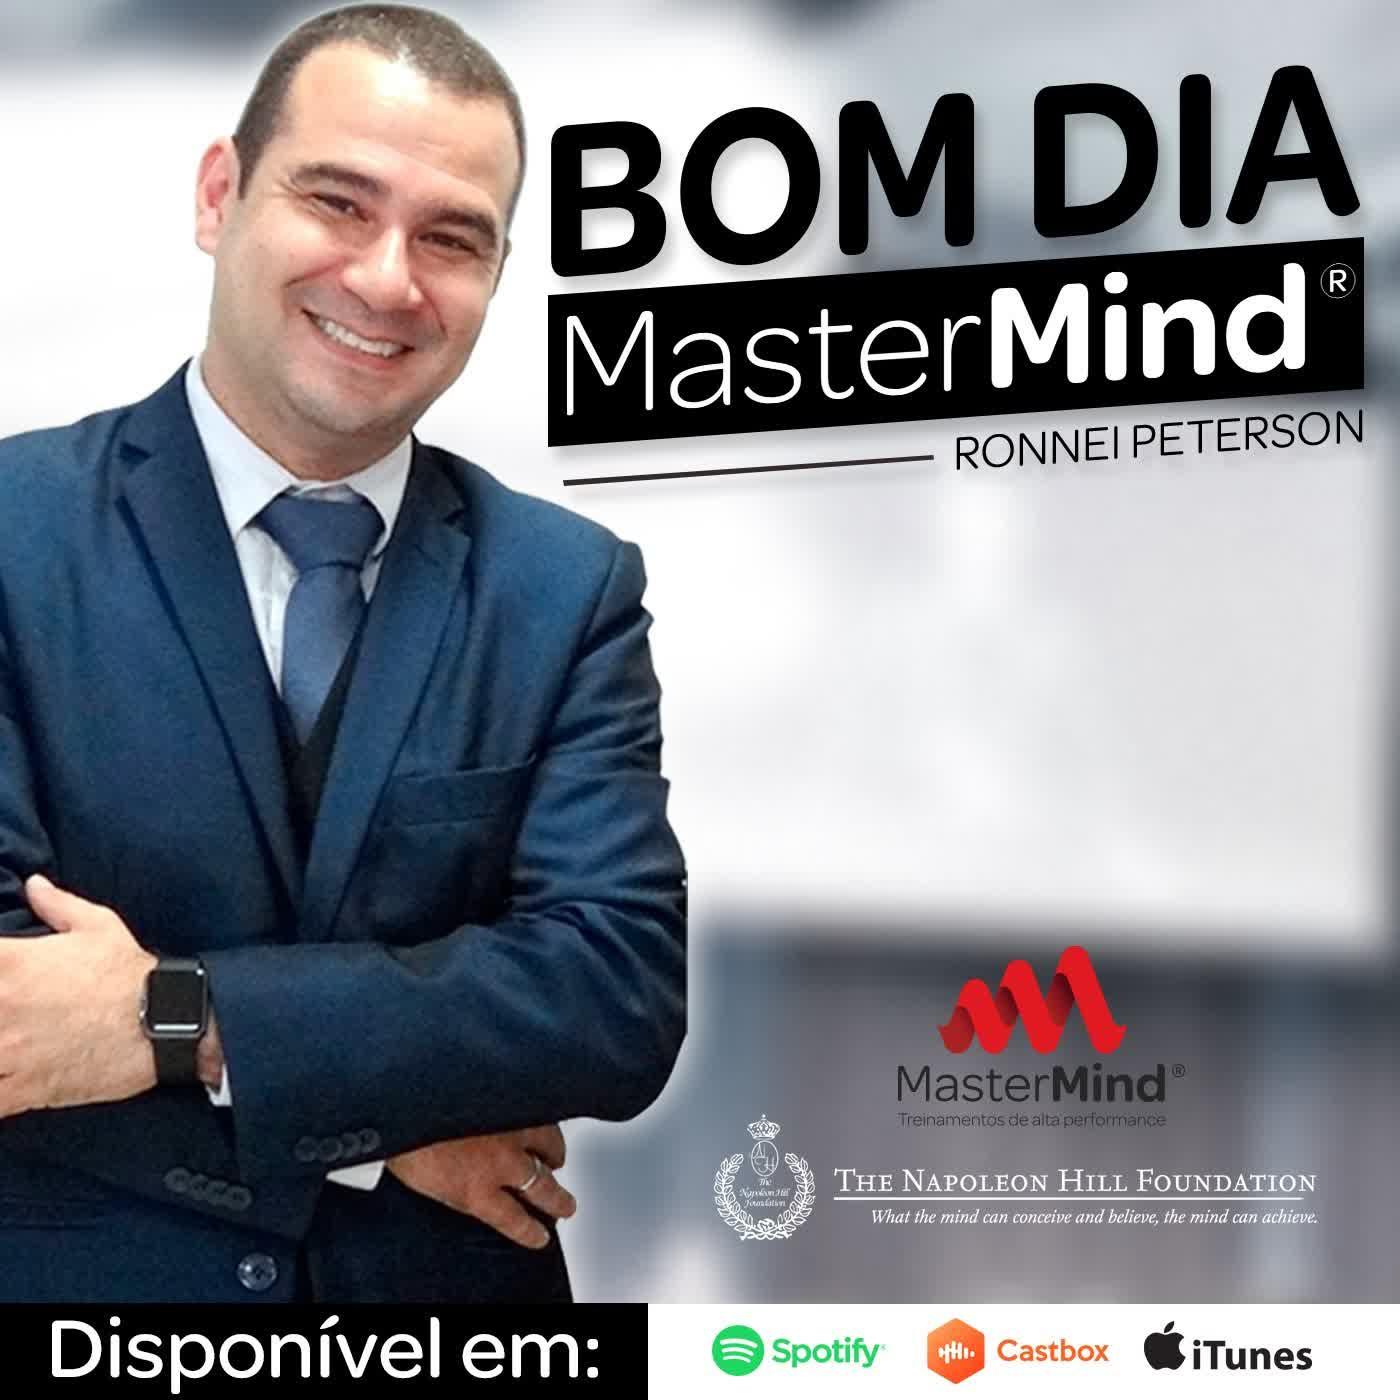 Bom dia MasterMind